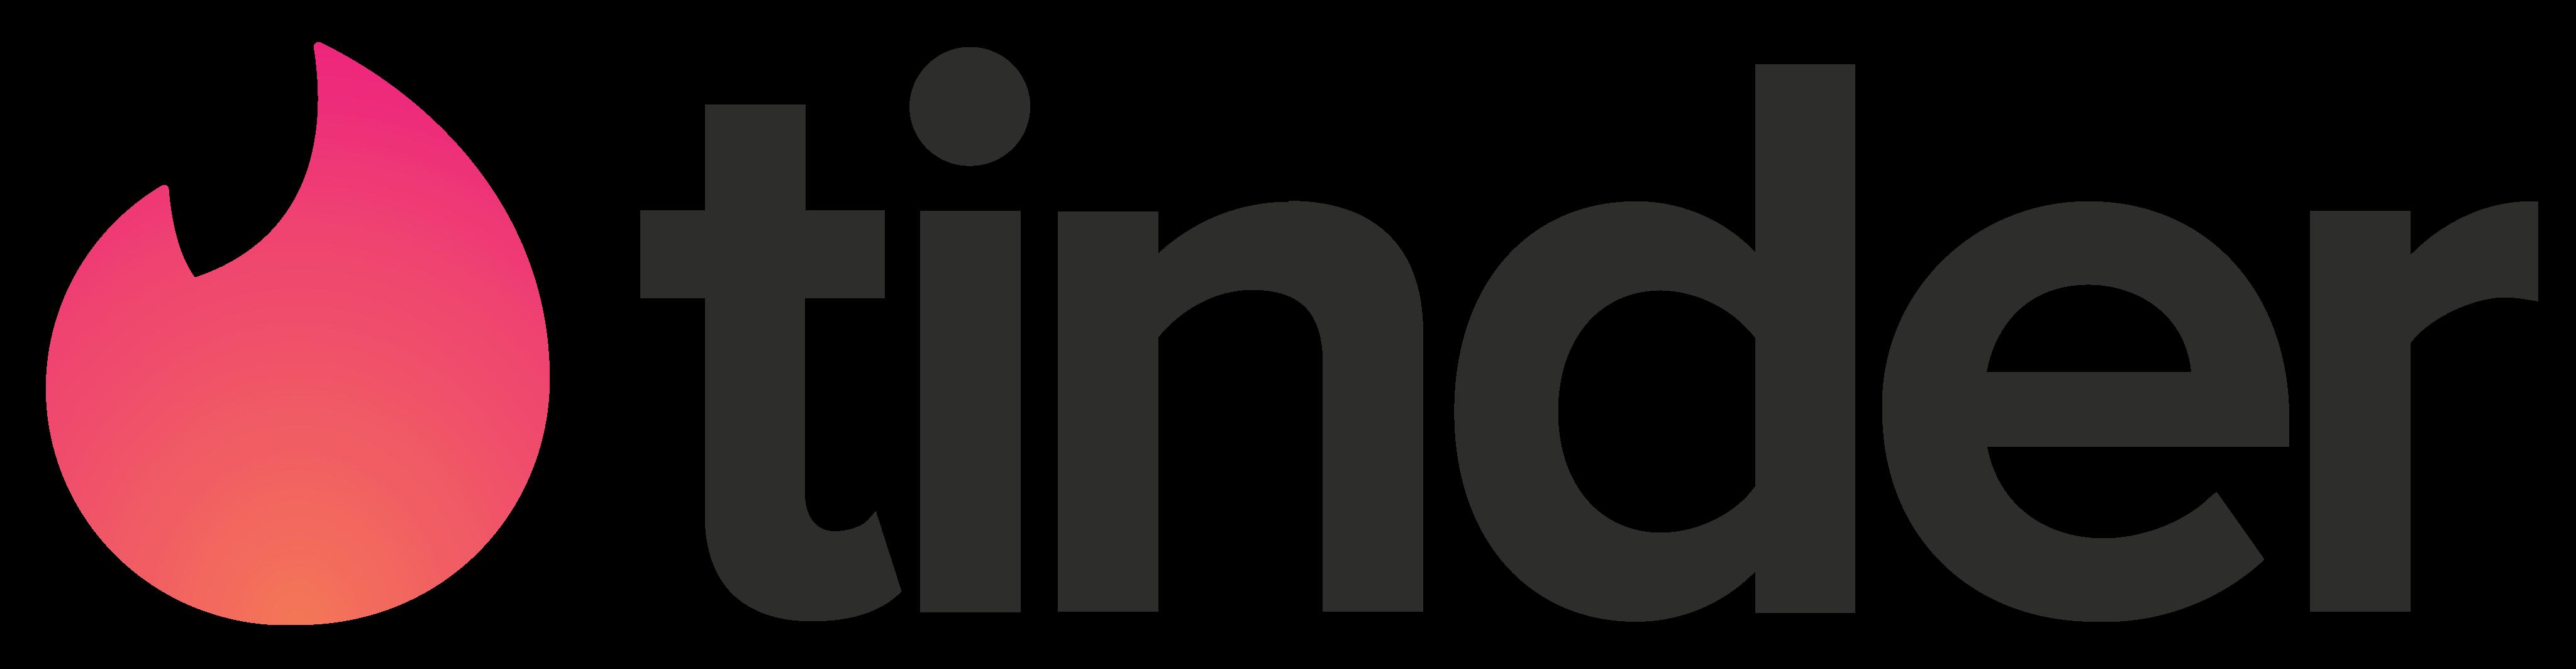 Tinder Logo.